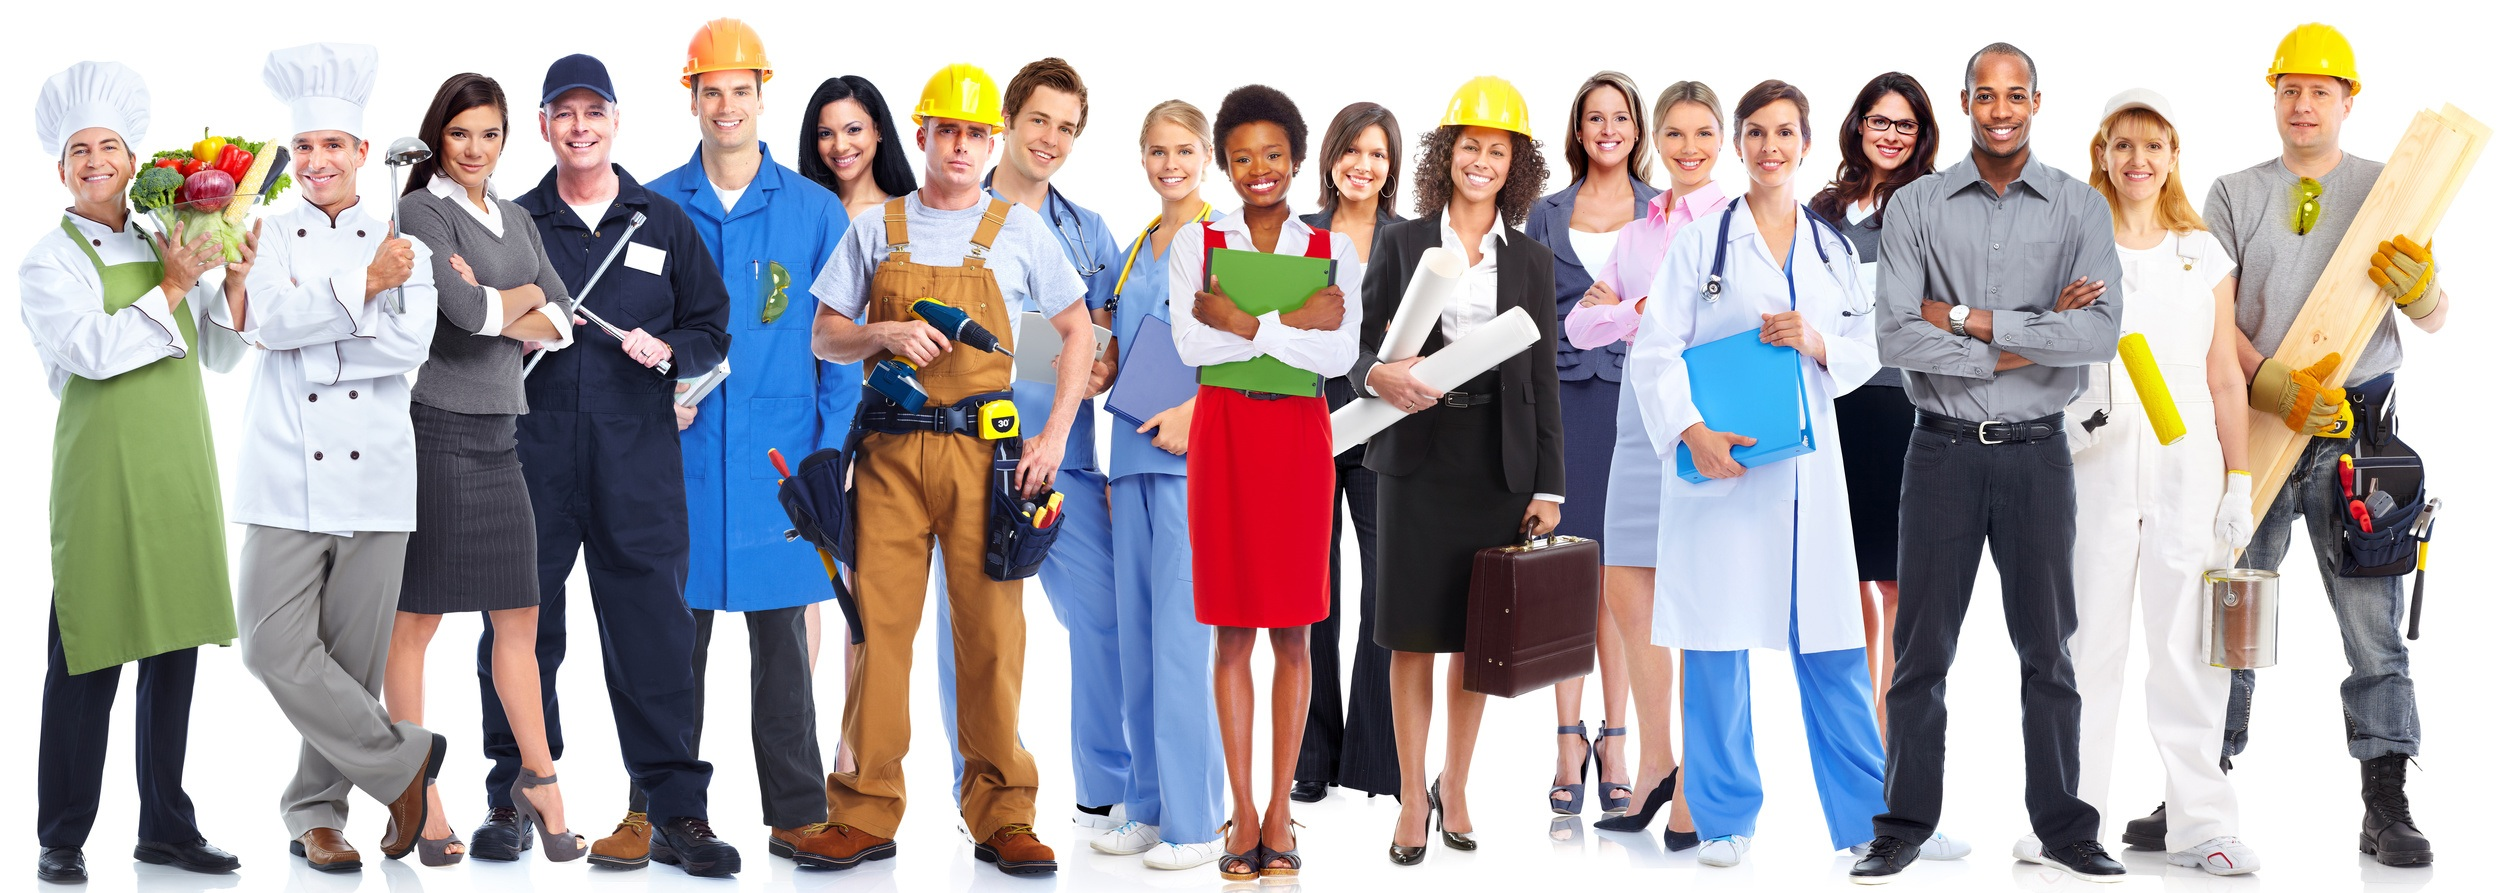 ilustrasi potret karyawan dengan bidangnya